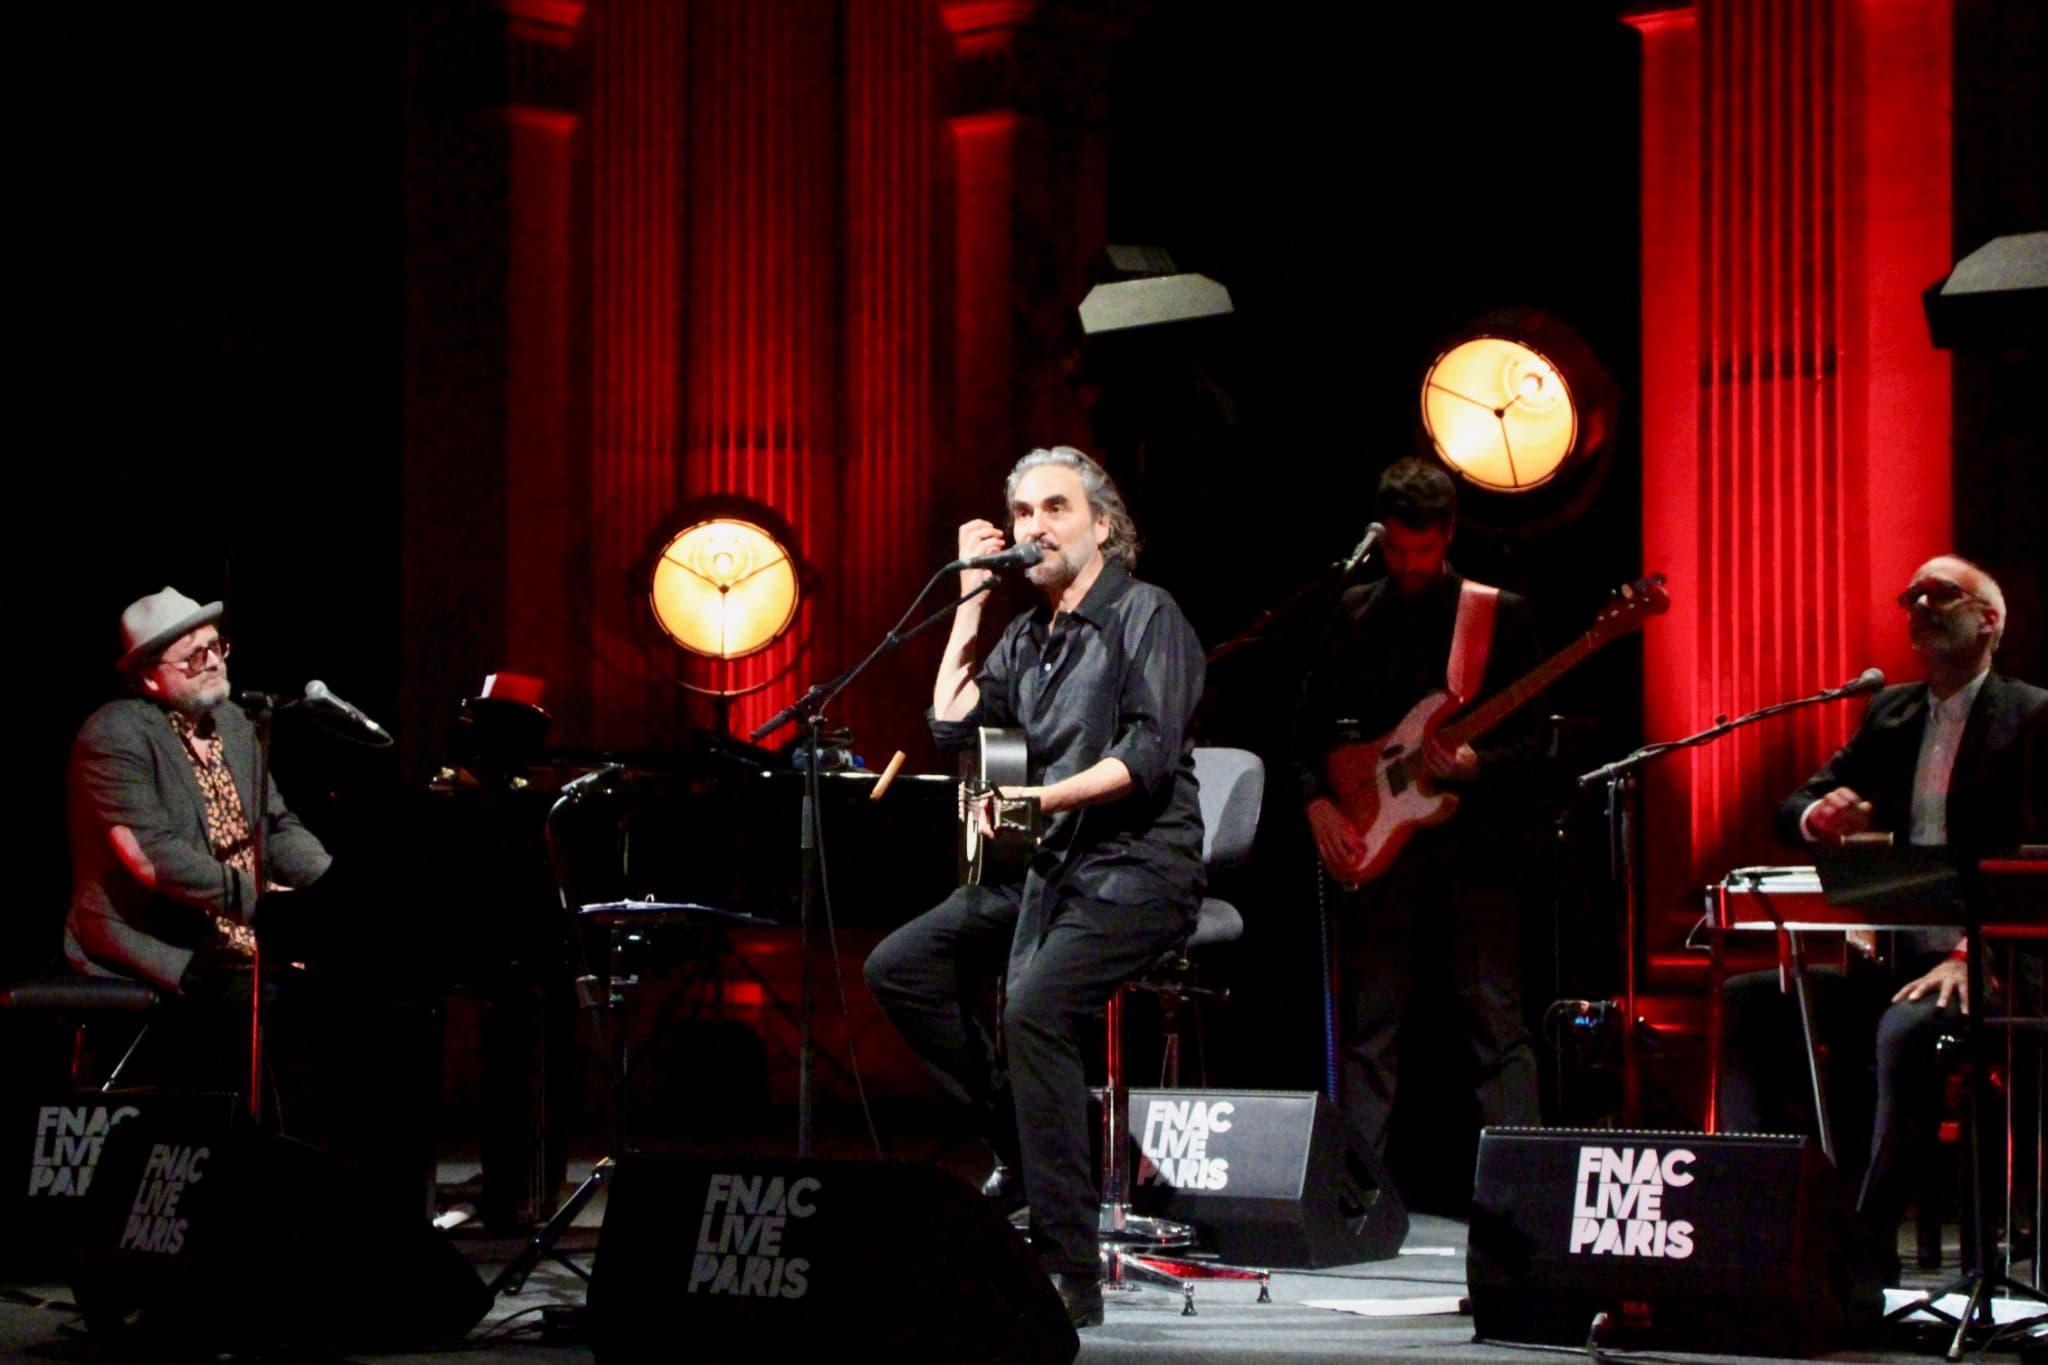 C'est dans l'intimité du Salon, et accompagné de quatre musiciens, que Stephan Eicher interprète ses nouvelles chansons à la guitare.